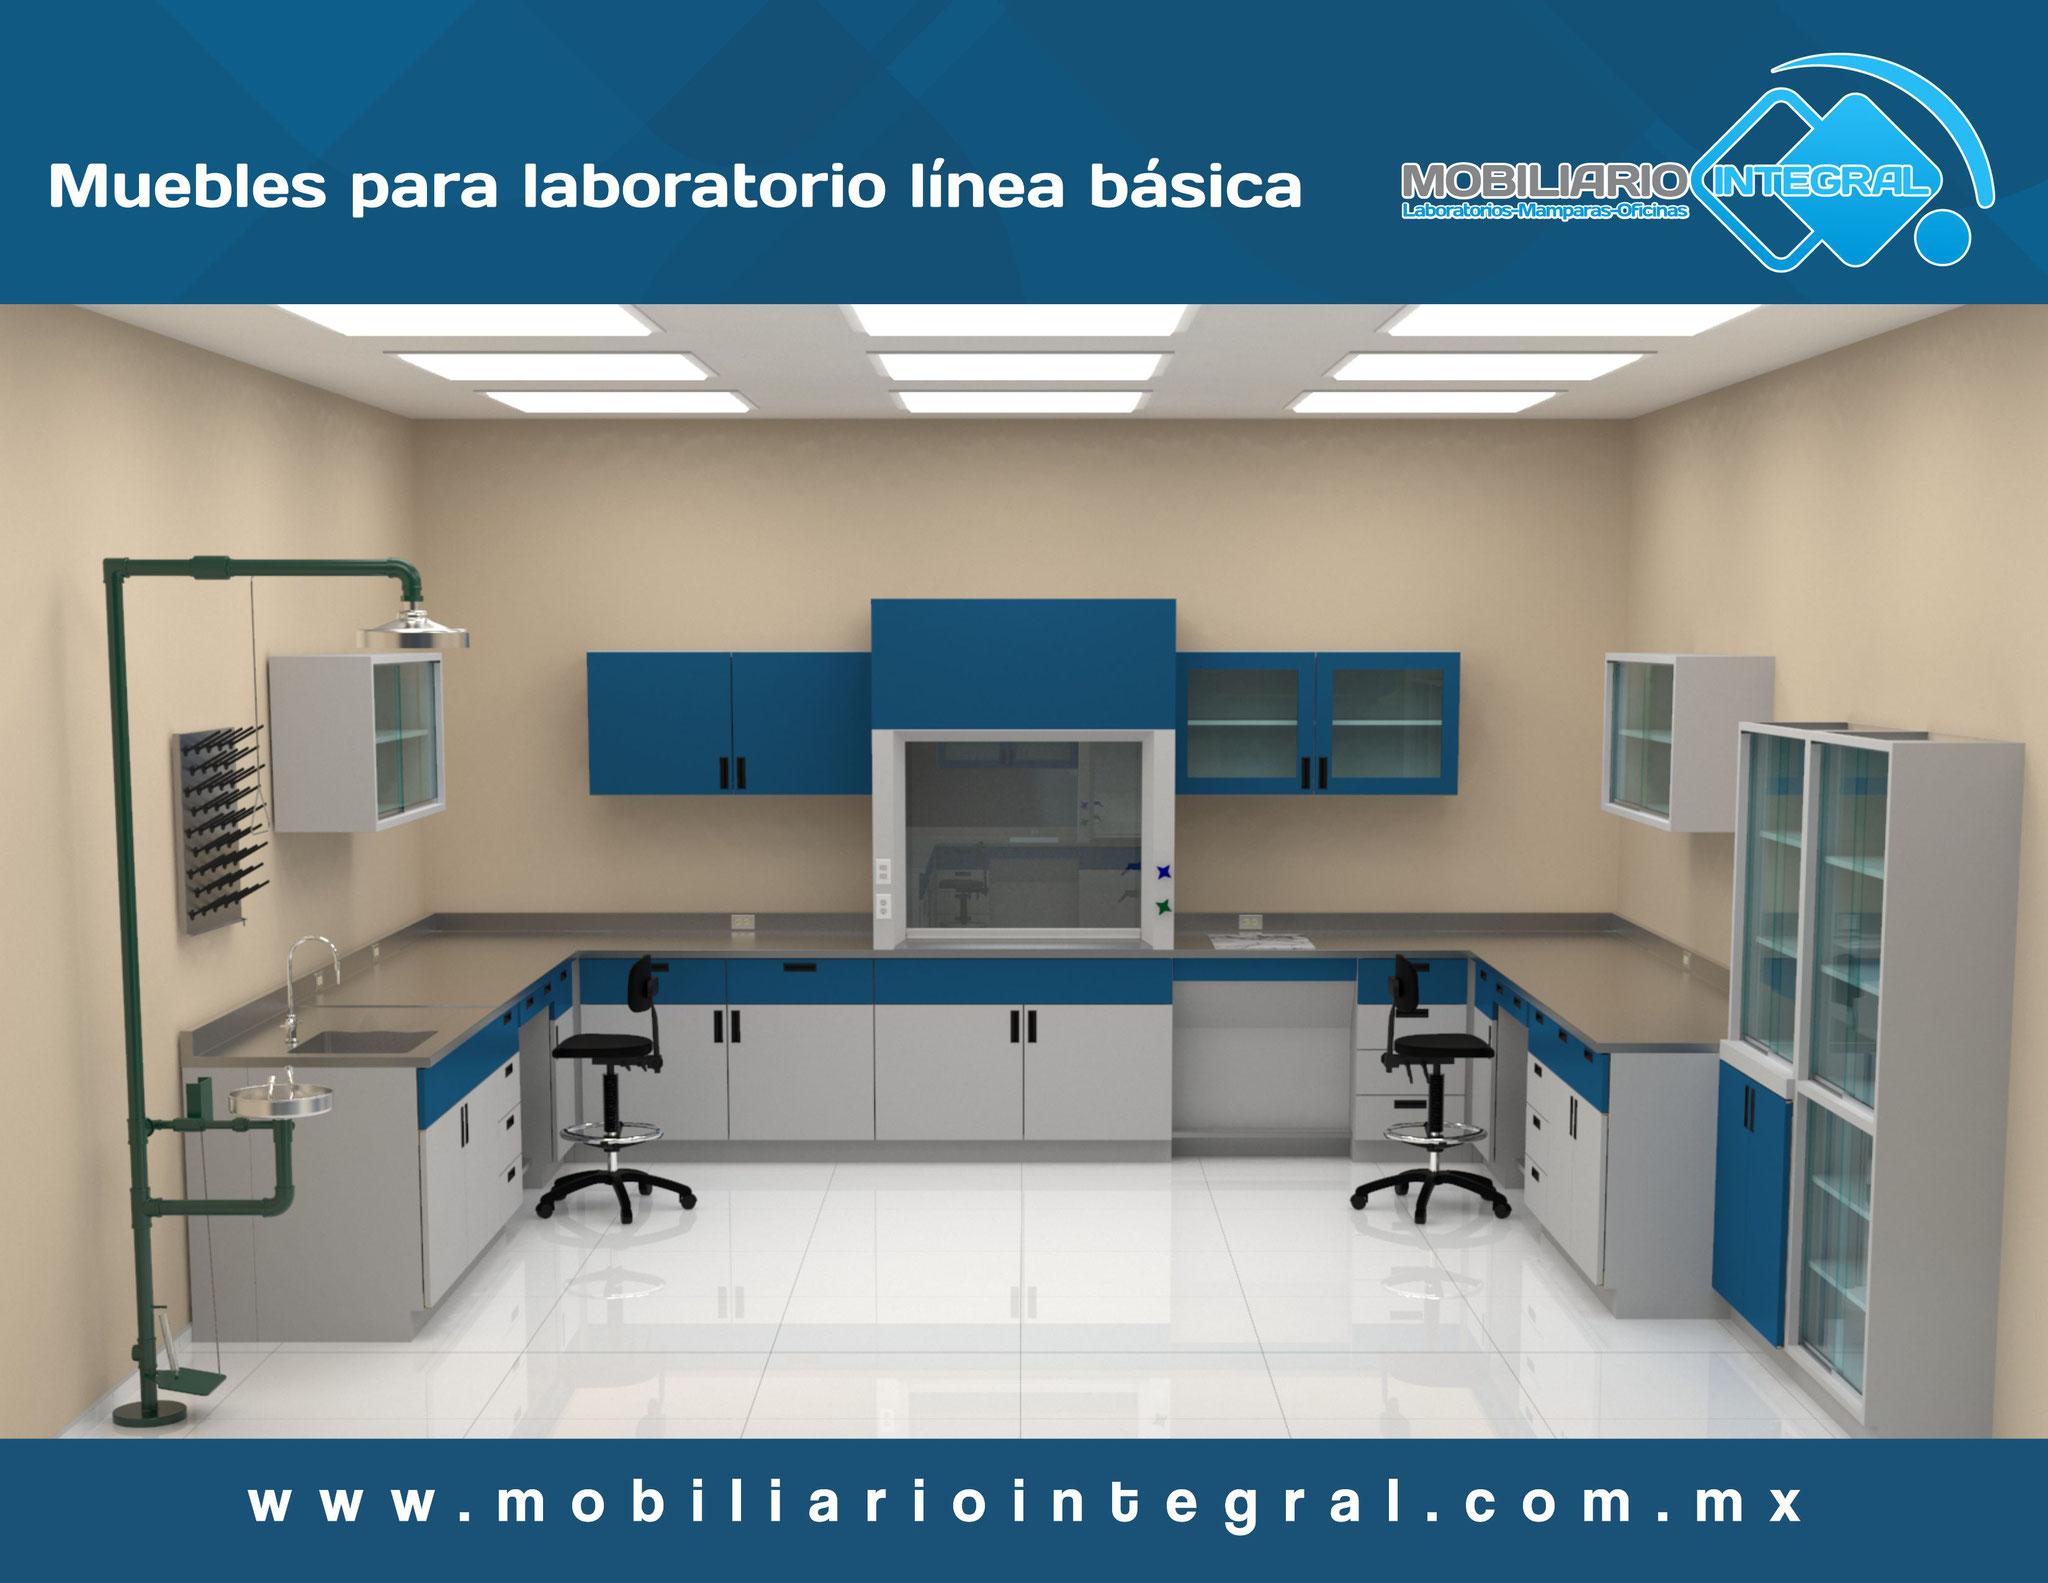 Muebles para laboratorio en Campeche